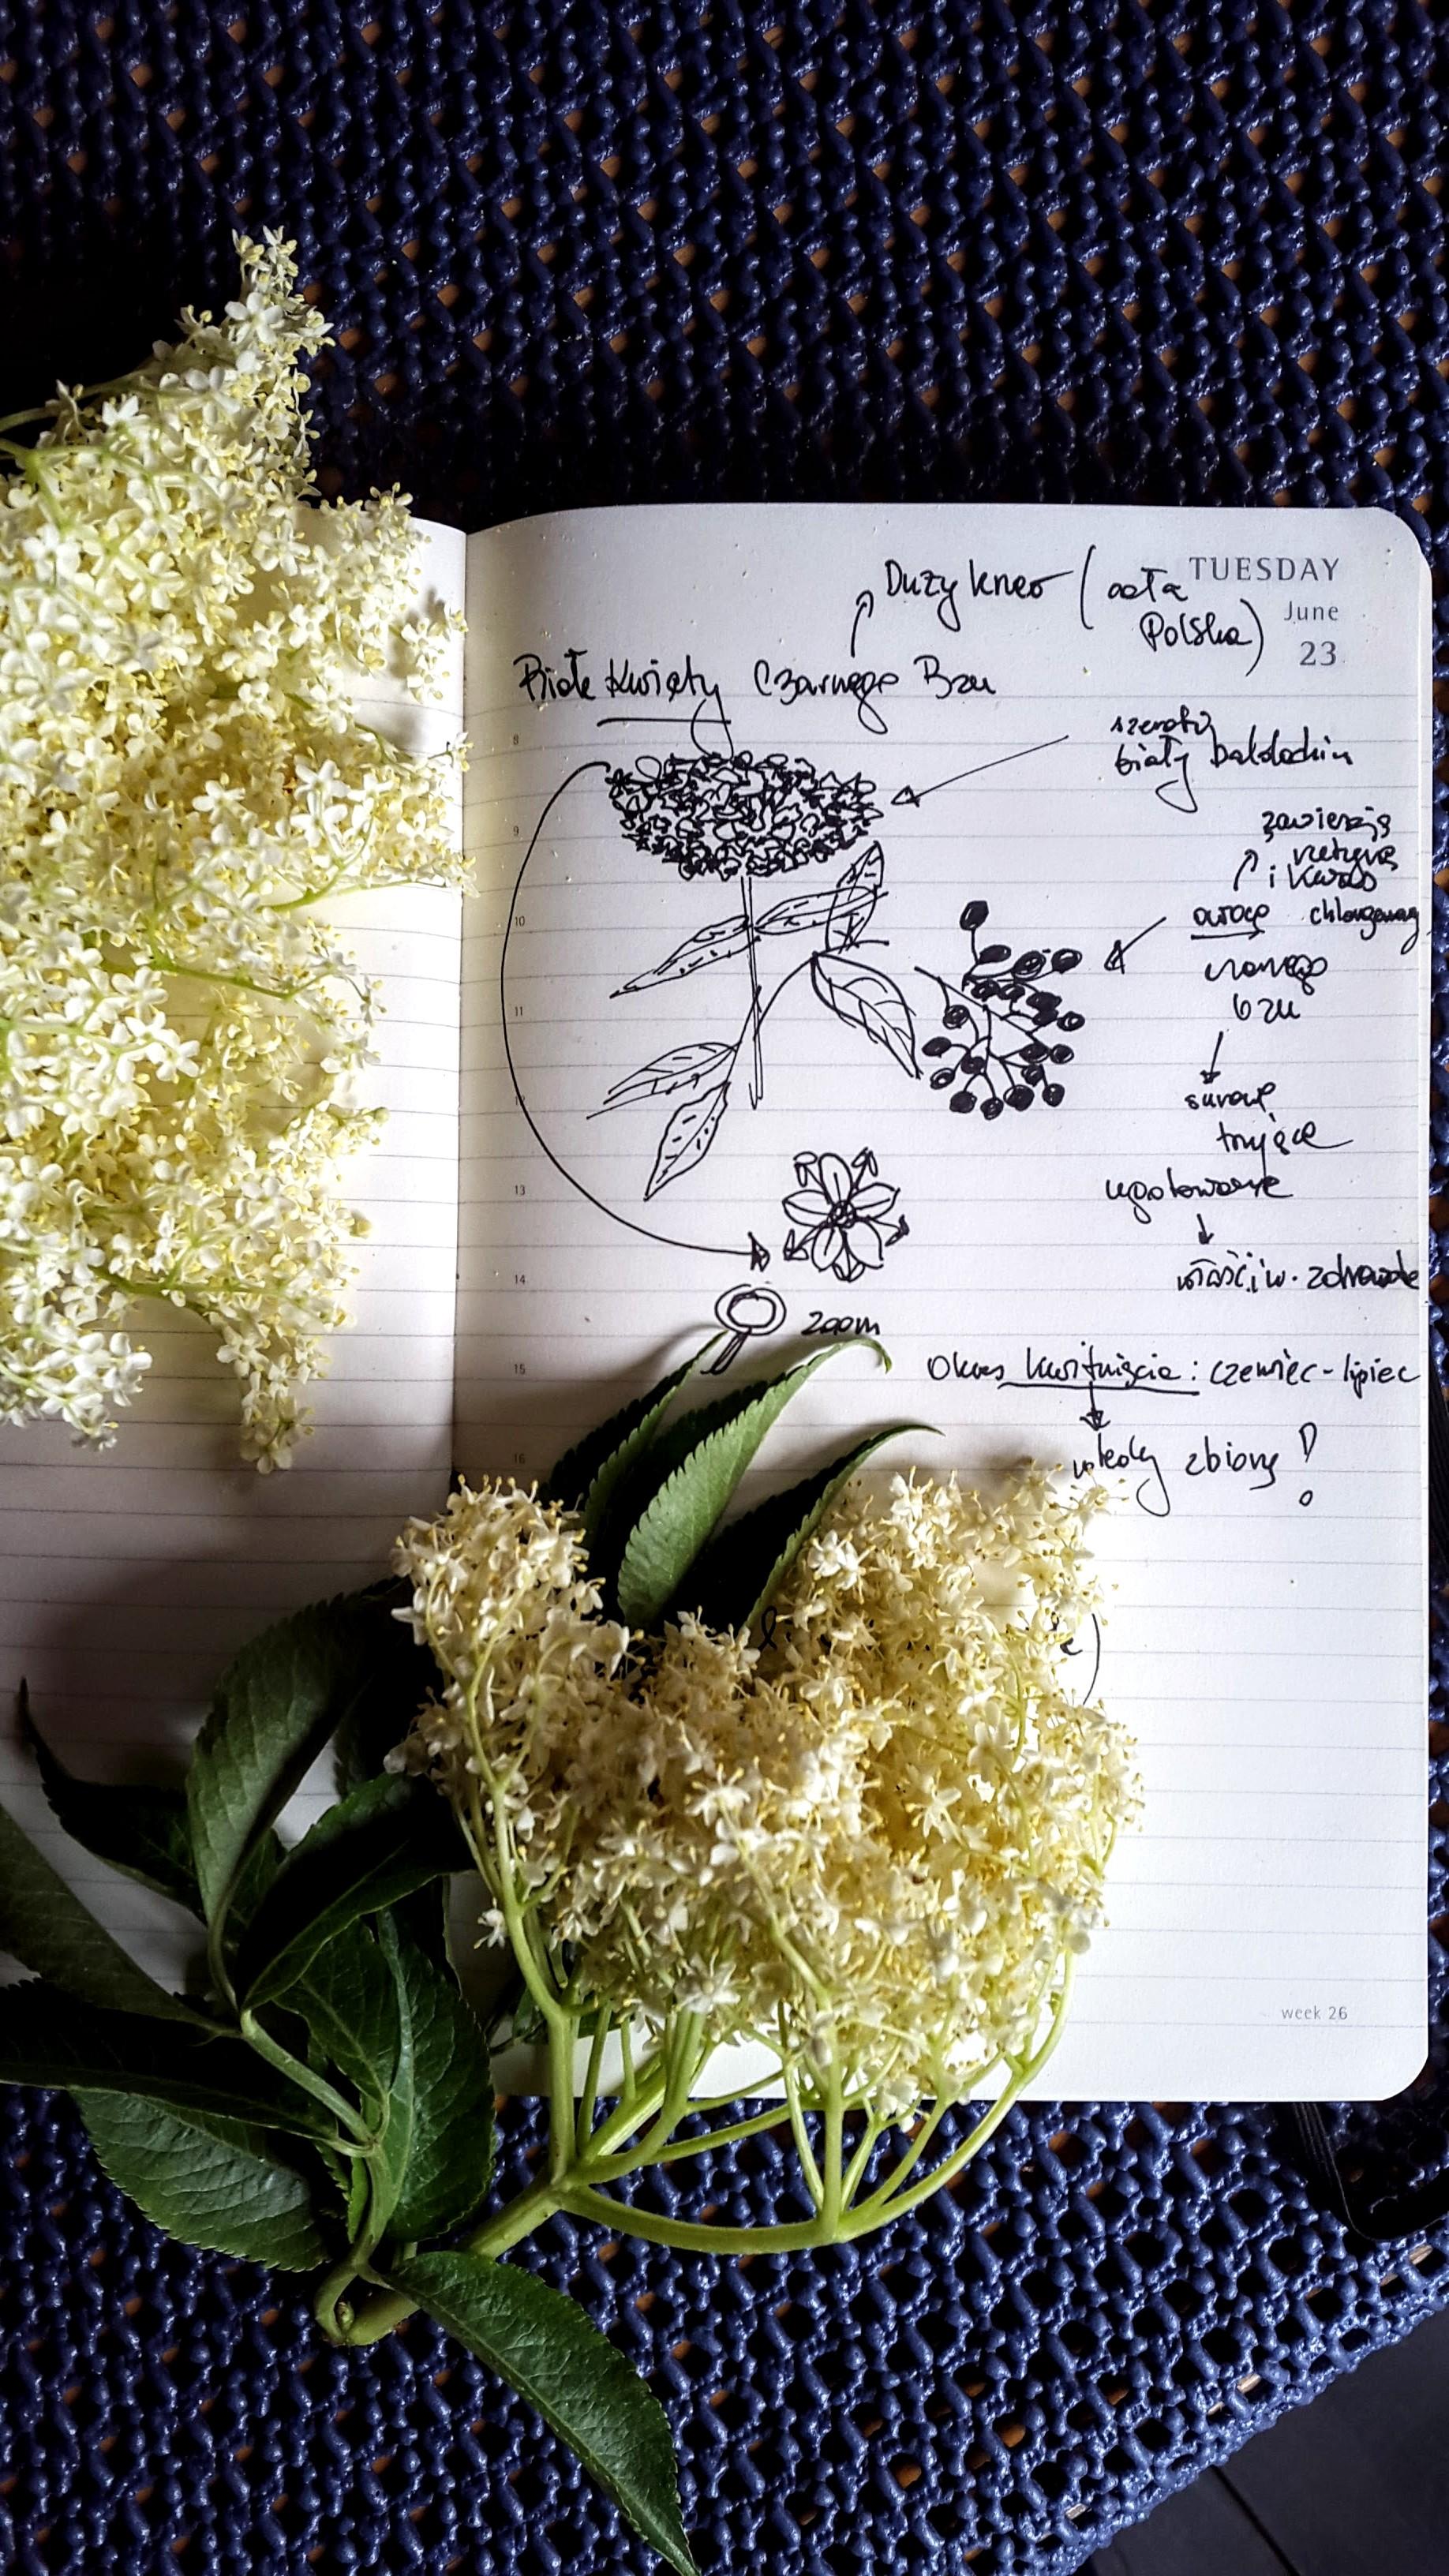 Awczerwcu syrop zkwiatów czarnego bzu